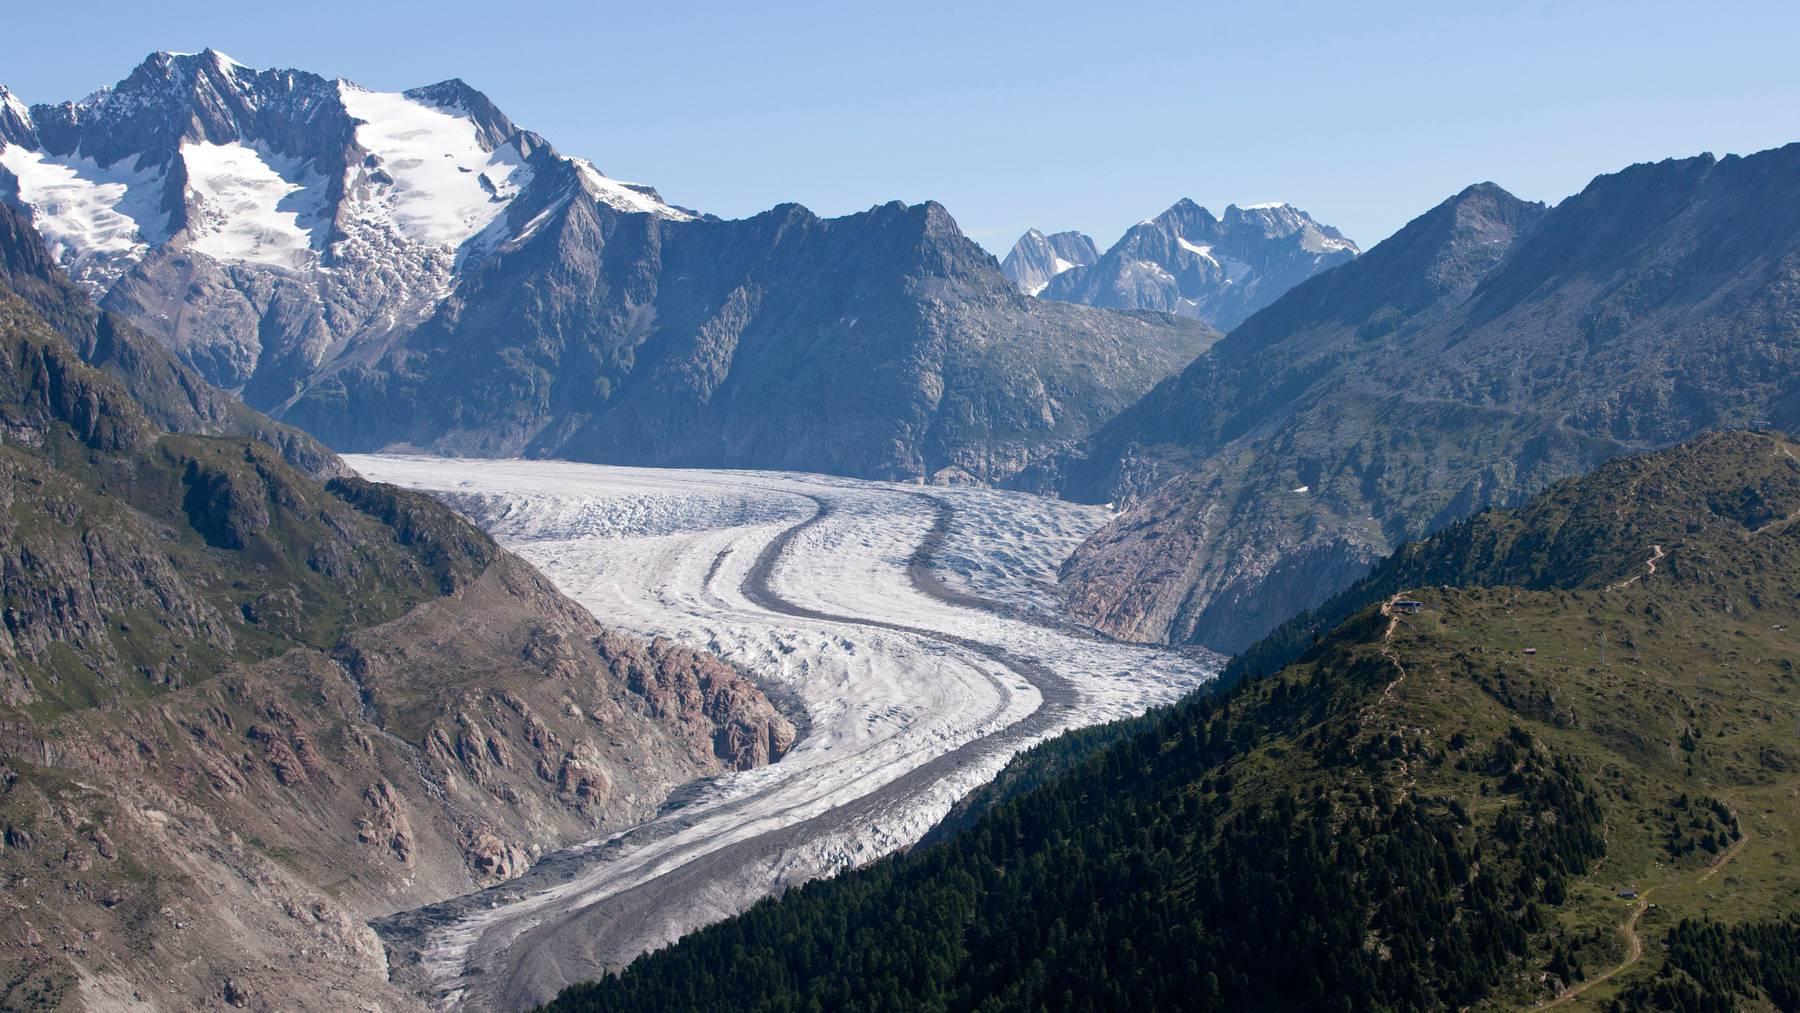 Der Bundesrat will den Urhebern der Gletscher-Initiative entgegenkommen. Anders als die Initianten lehnt er aber eine explizites Verbot fossiler Energieträger ab. (Symbolbild)